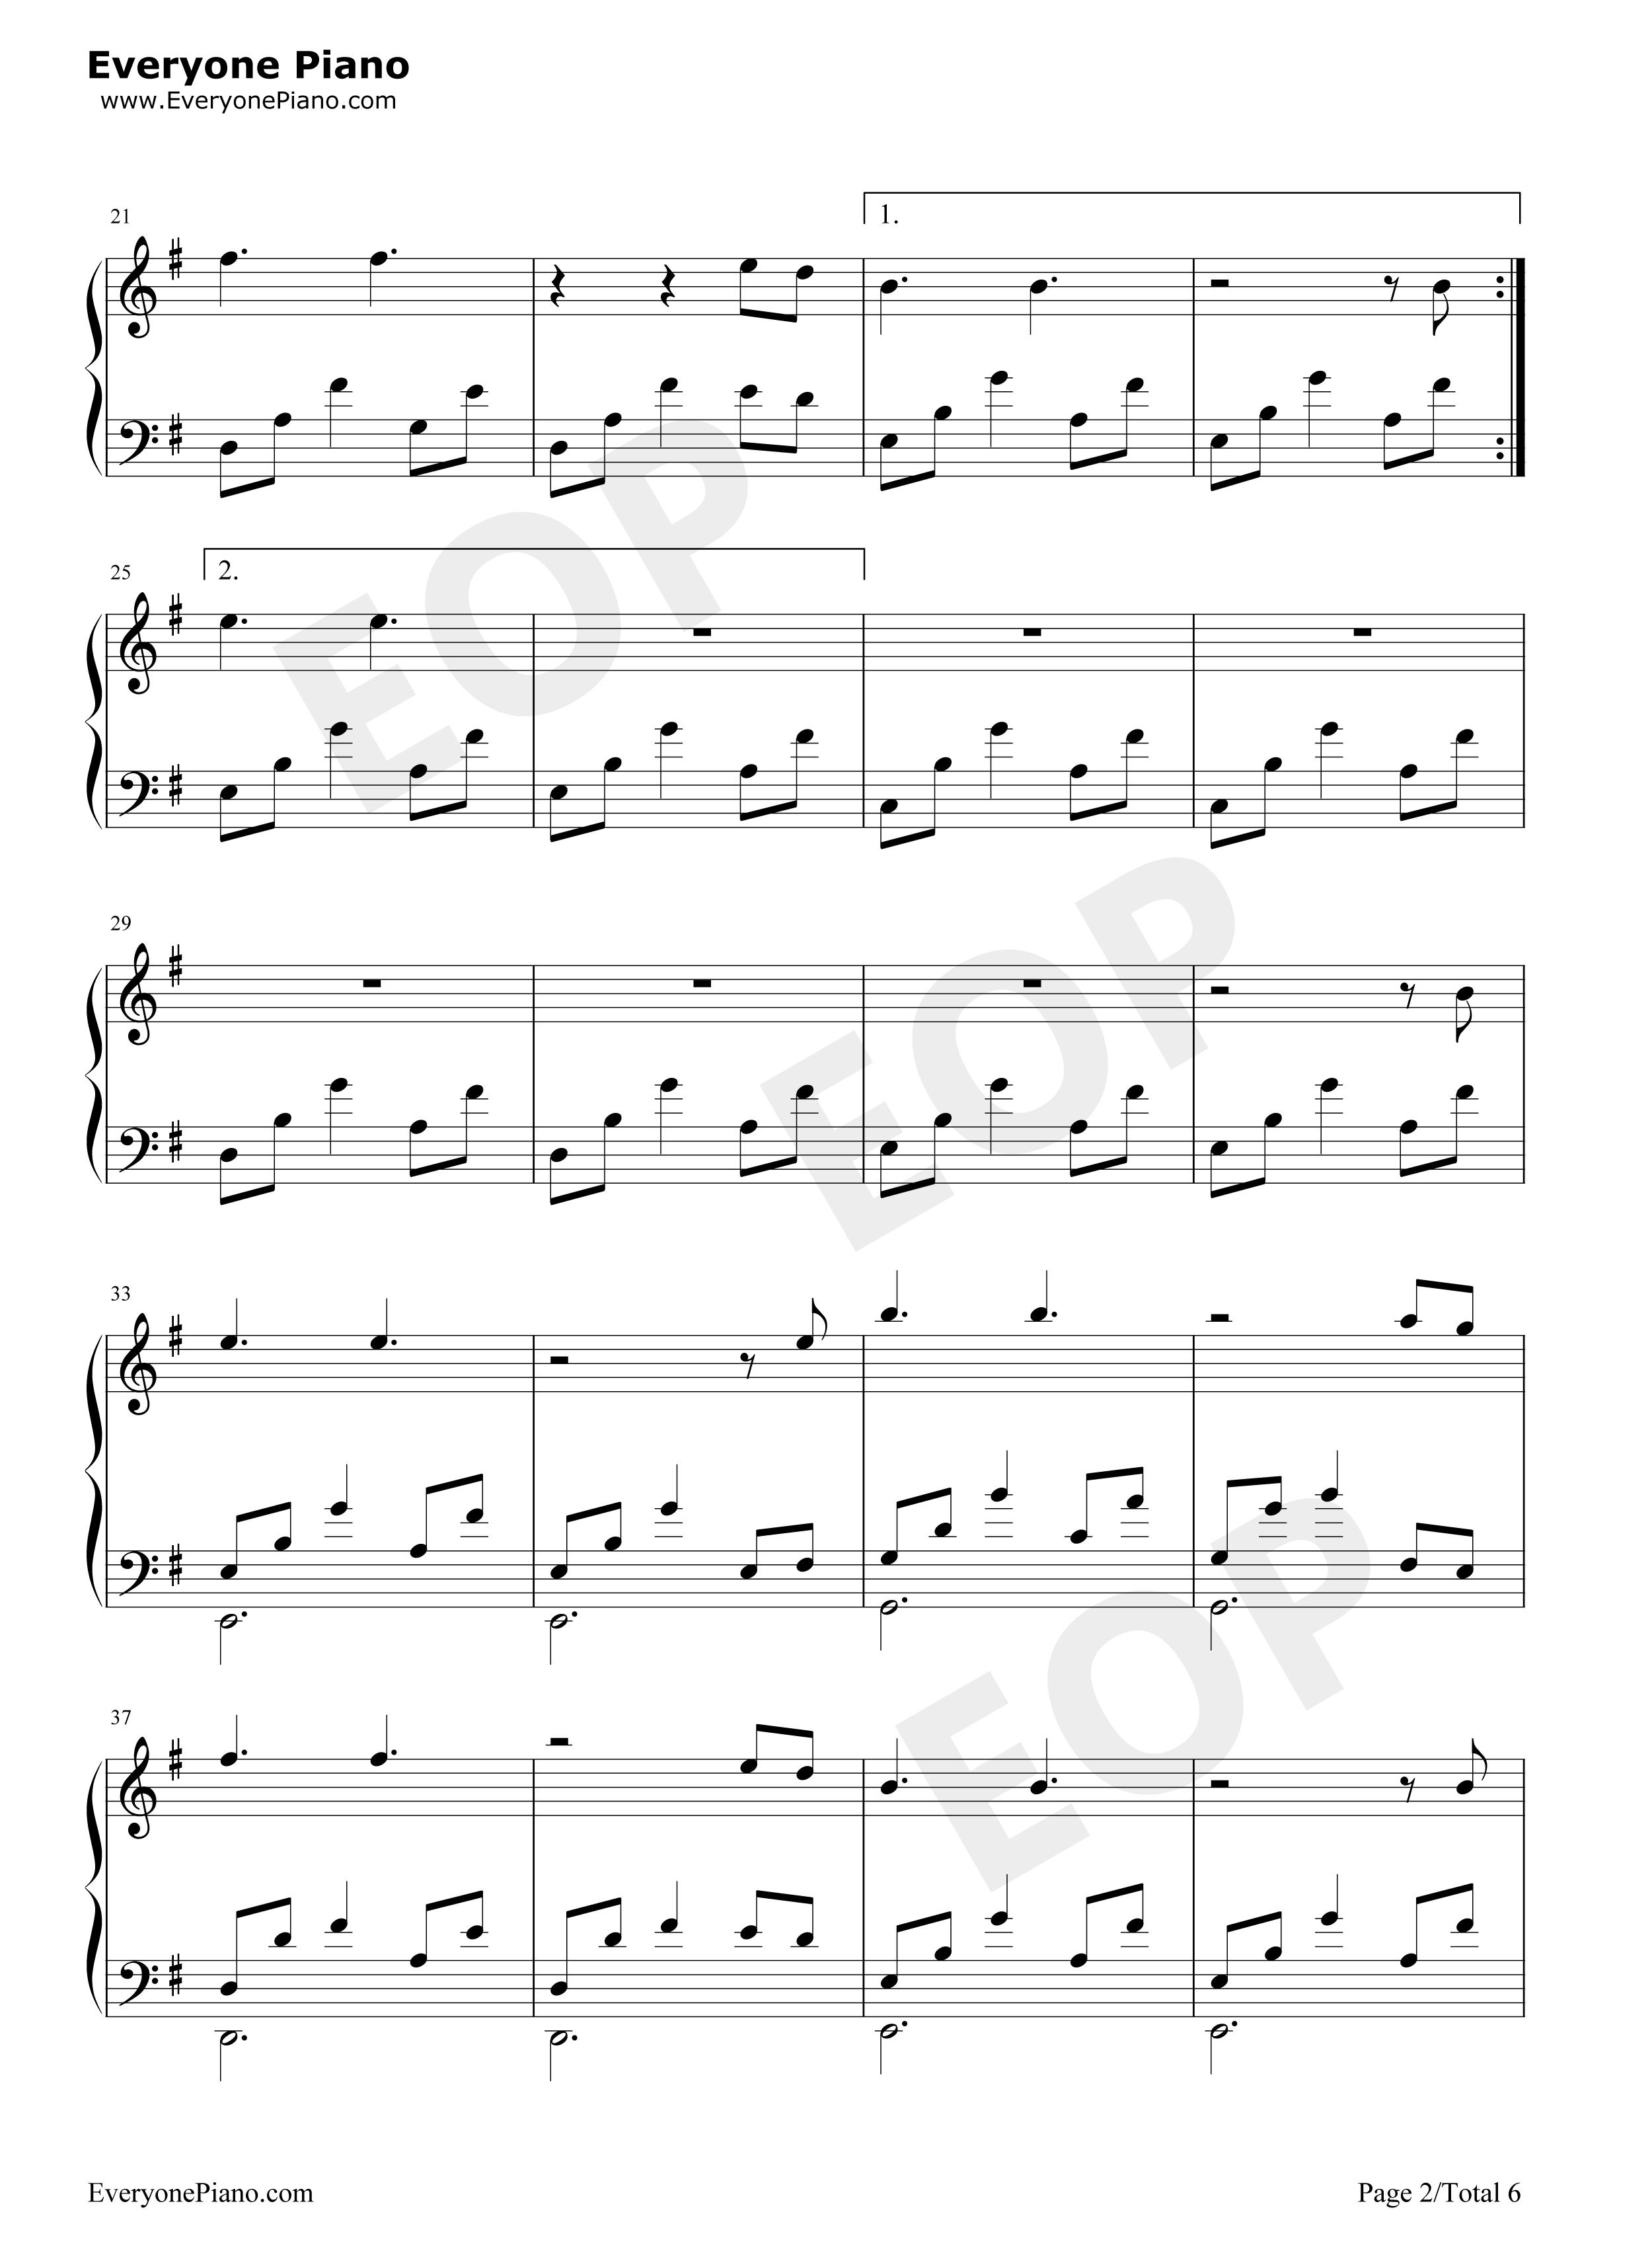 钢琴曲谱 轻音乐 月光边境-林海 月光边境-林海五线谱预览2  }  仅供